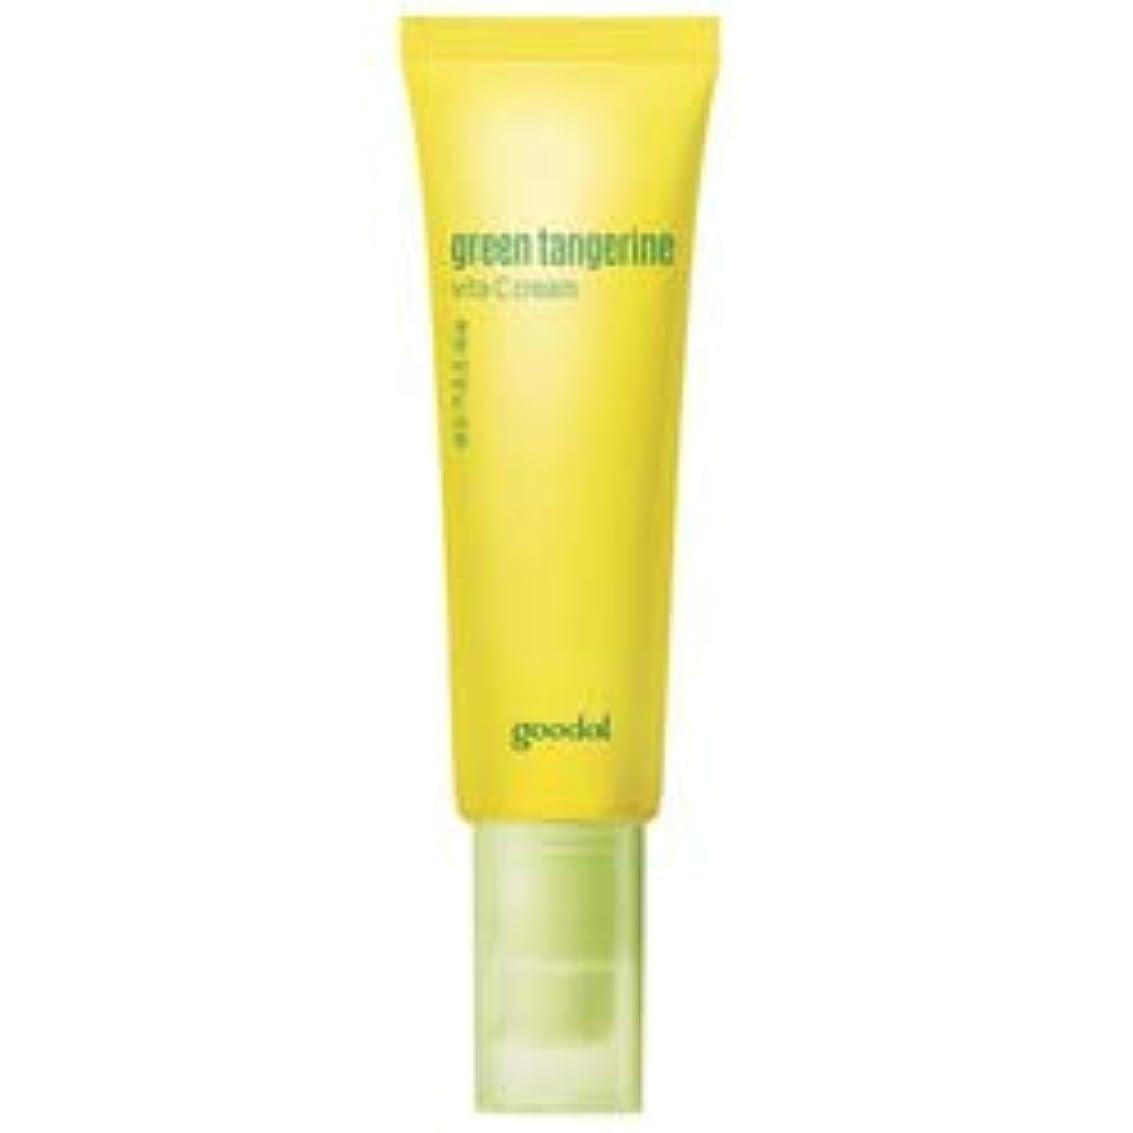 逆説声を出してマイク[goodal] Green Tangerine Vita C cream 50ml / [グーダル]タンジェリン ビタC クリーム 50ml [並行輸入品]